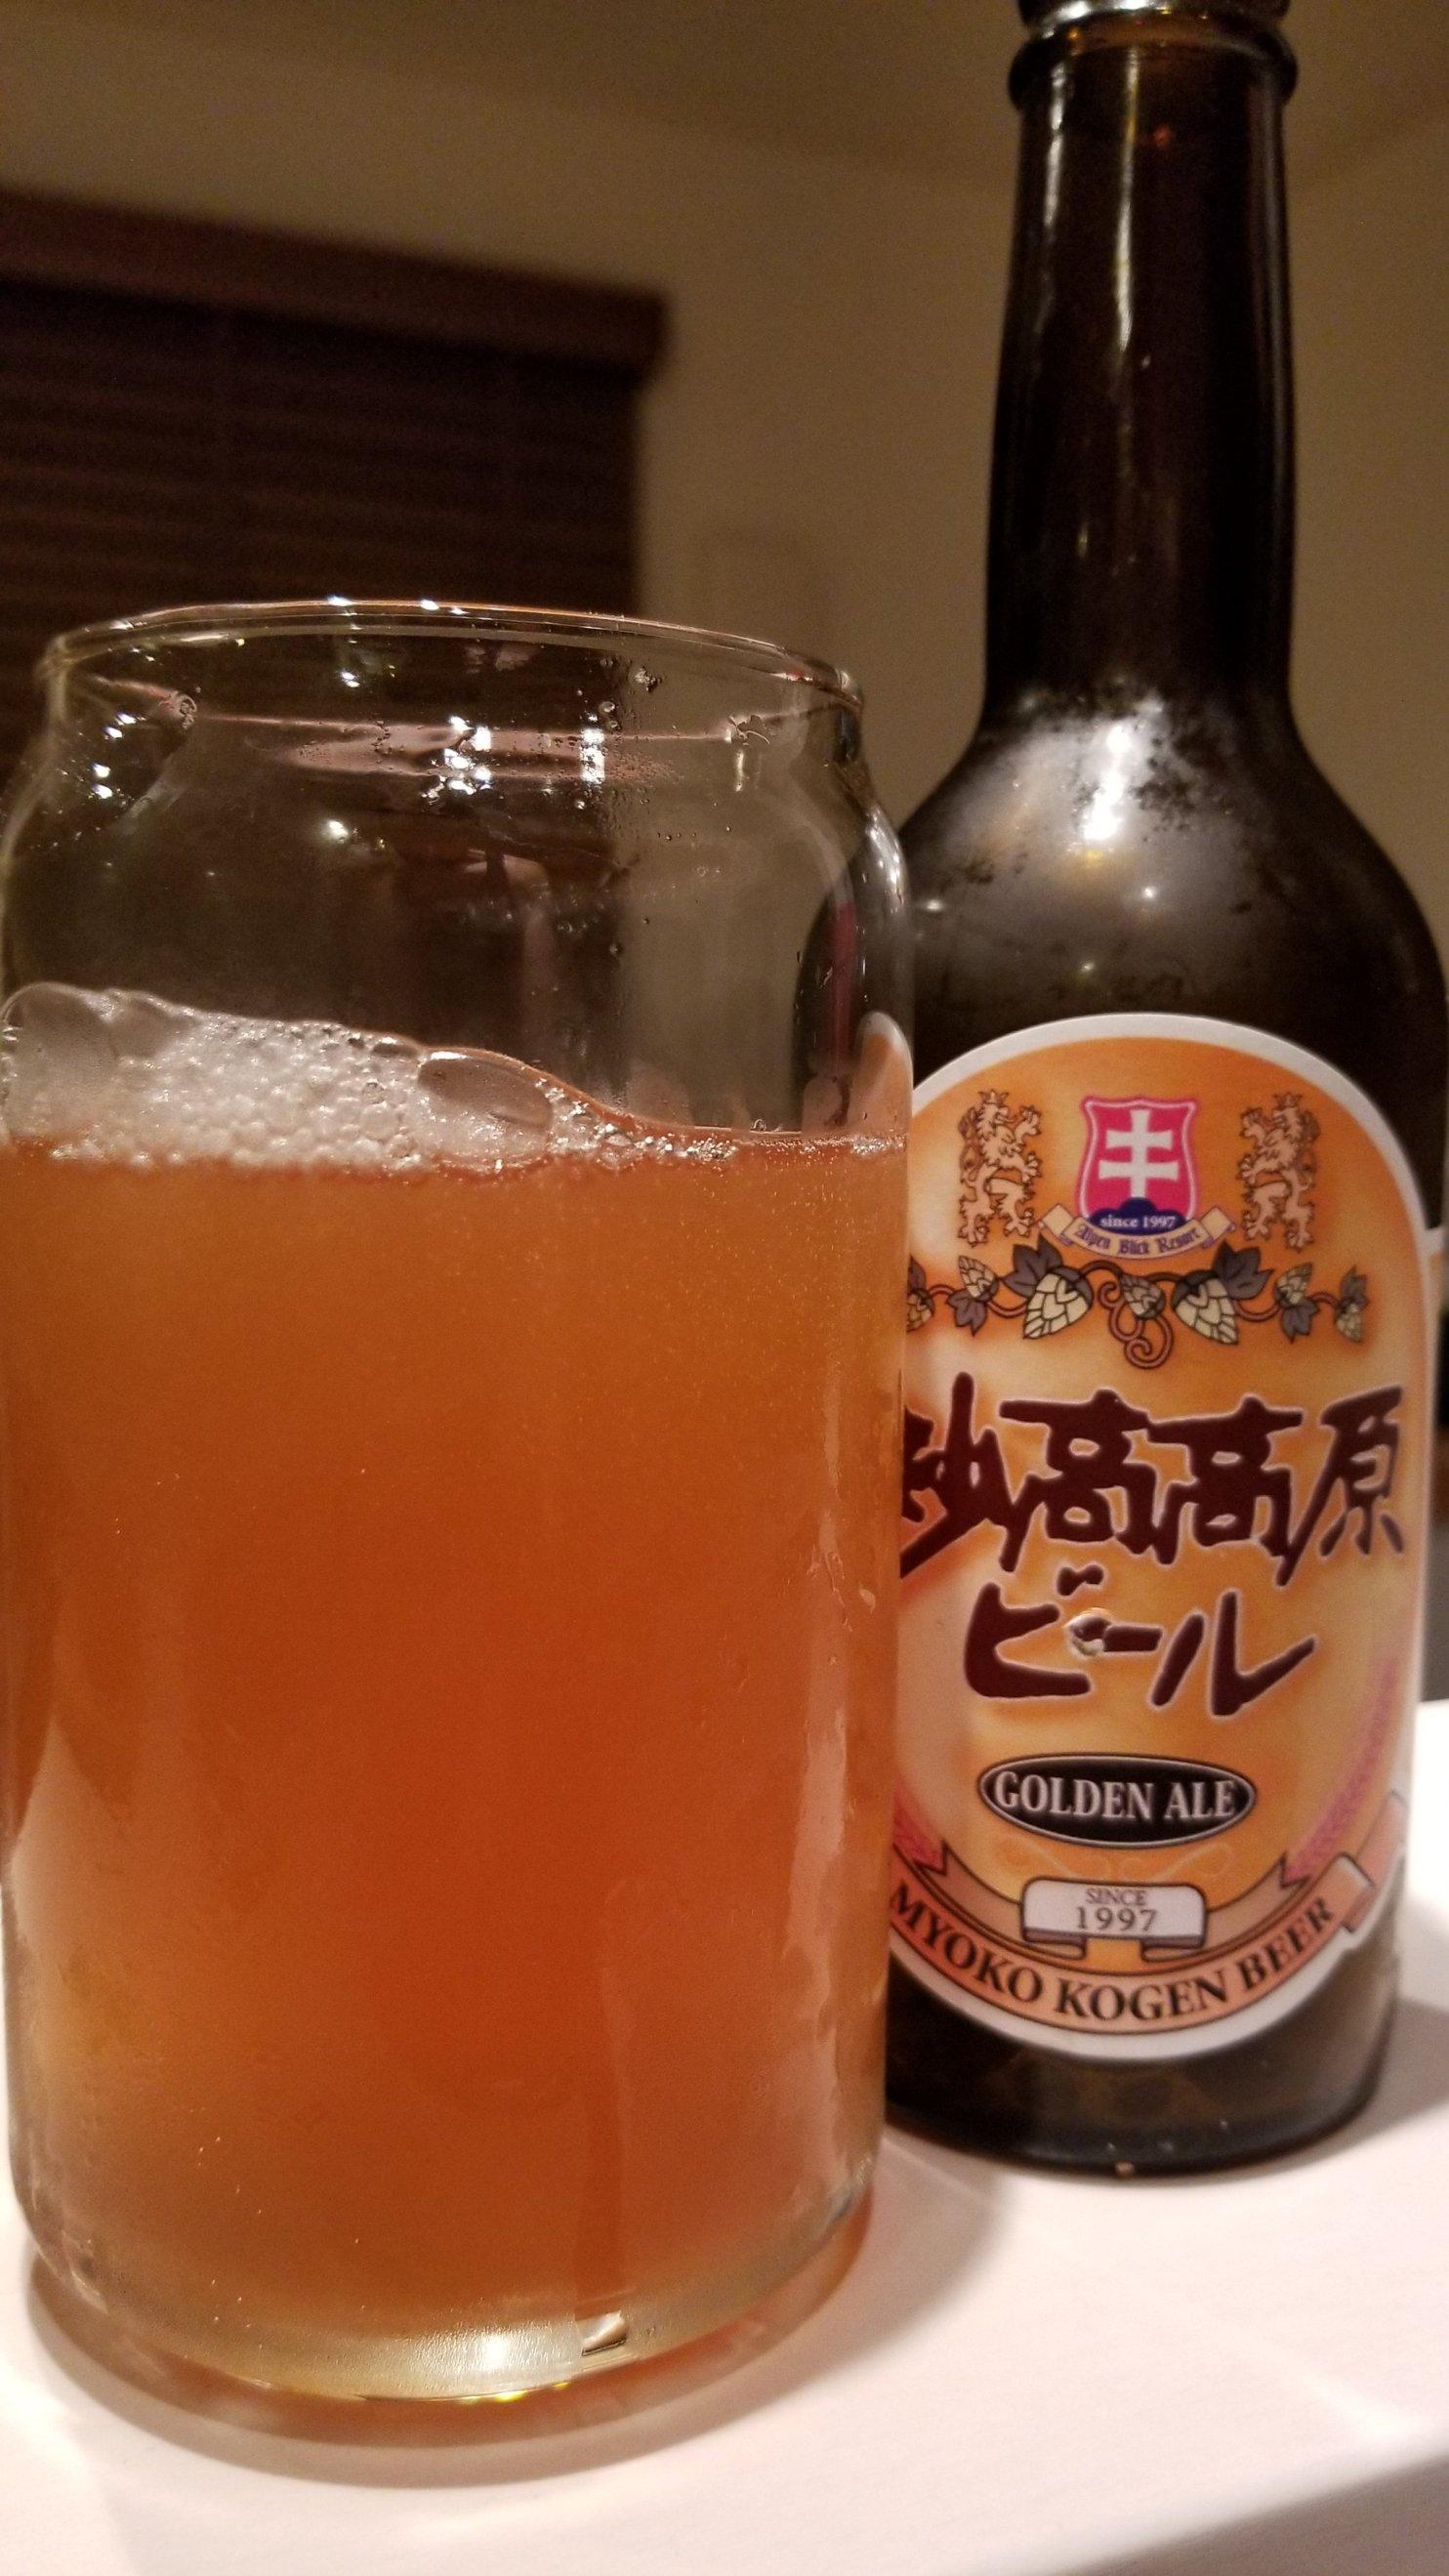 Myoko Kogen Golden Ale 妙子高原ゴールデンエール